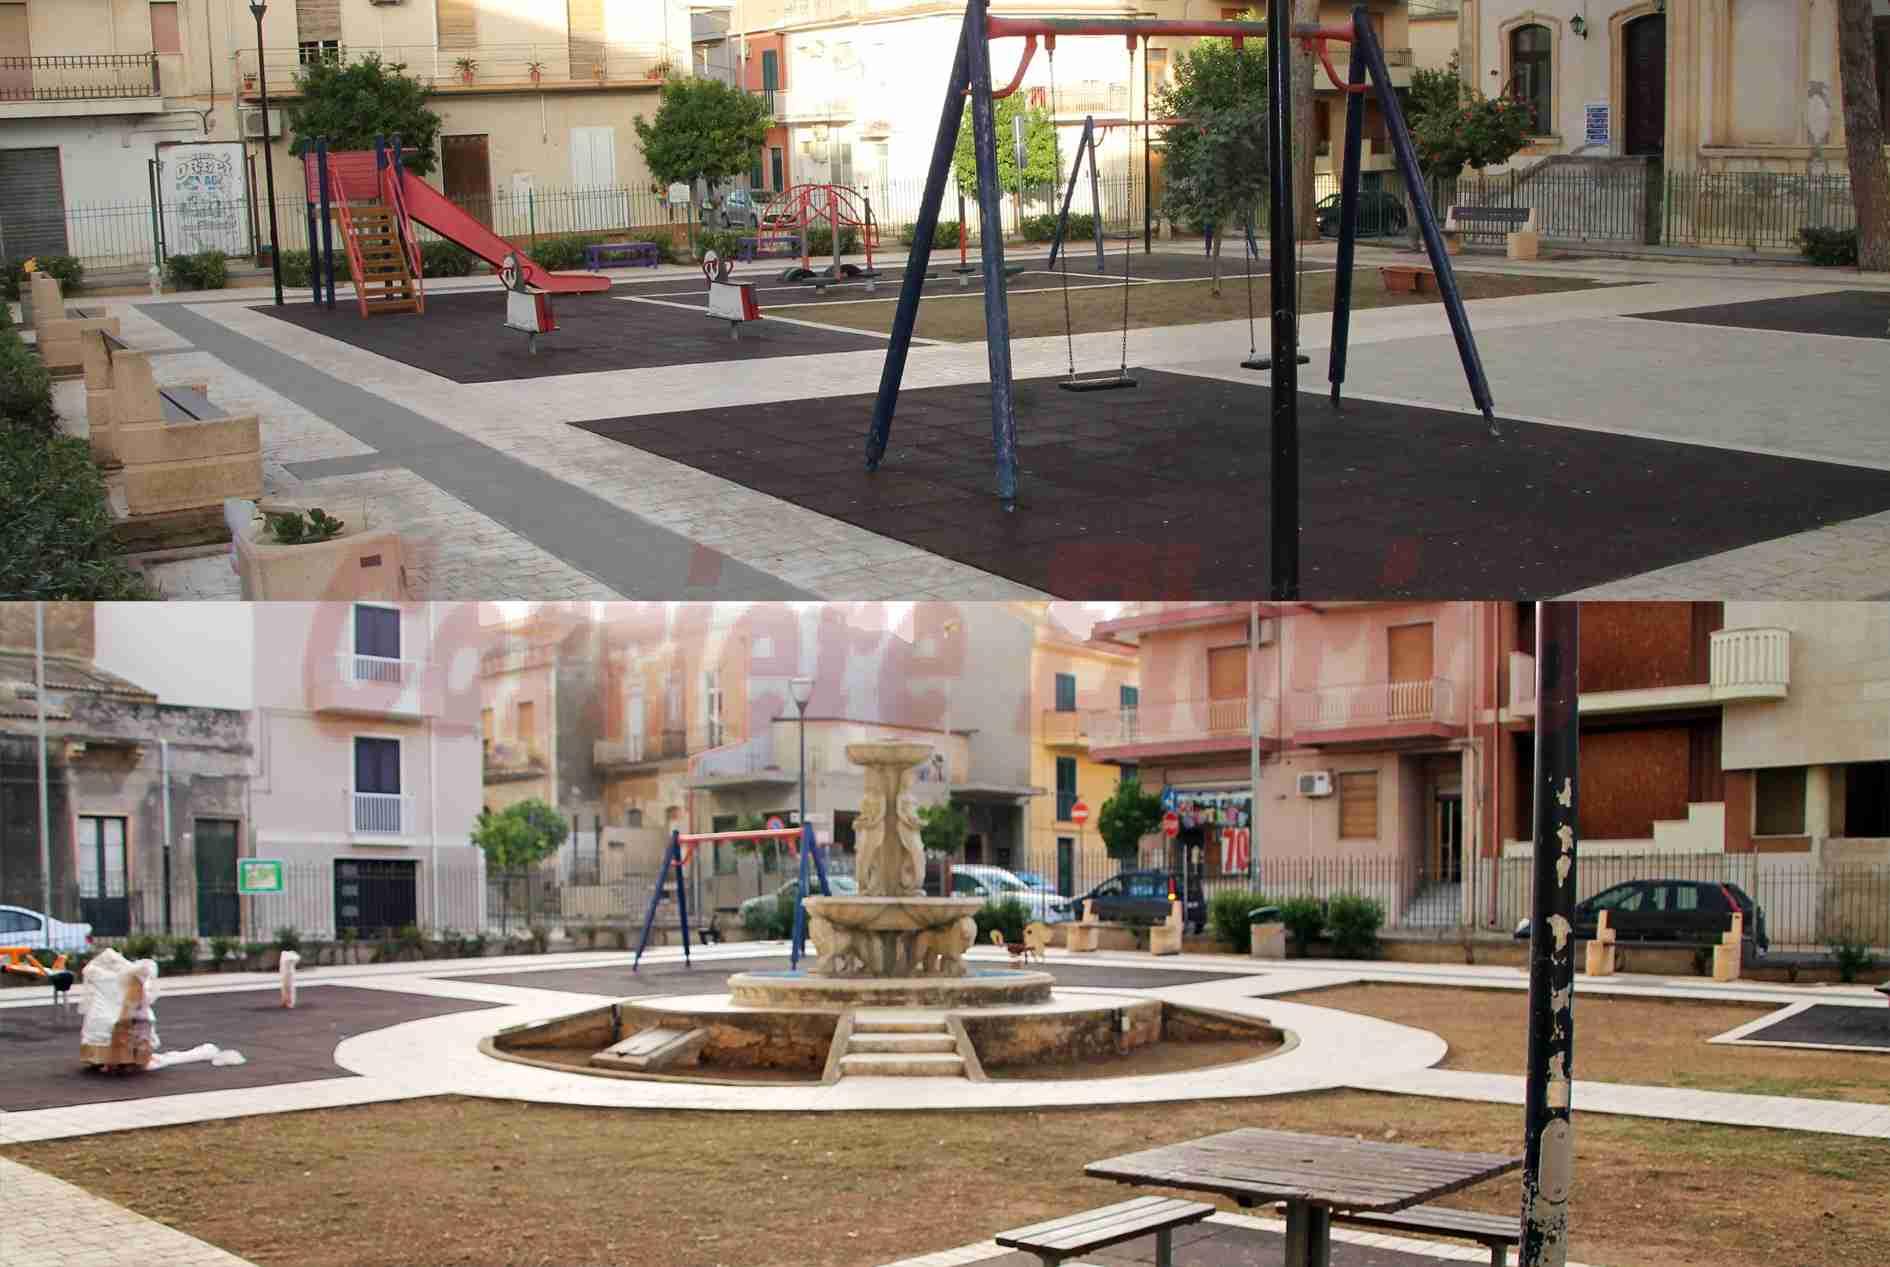 Pulizia costante della piazza XXIV Maggio grazie ai privati Luigi Trombatore e Fabrizio Zini